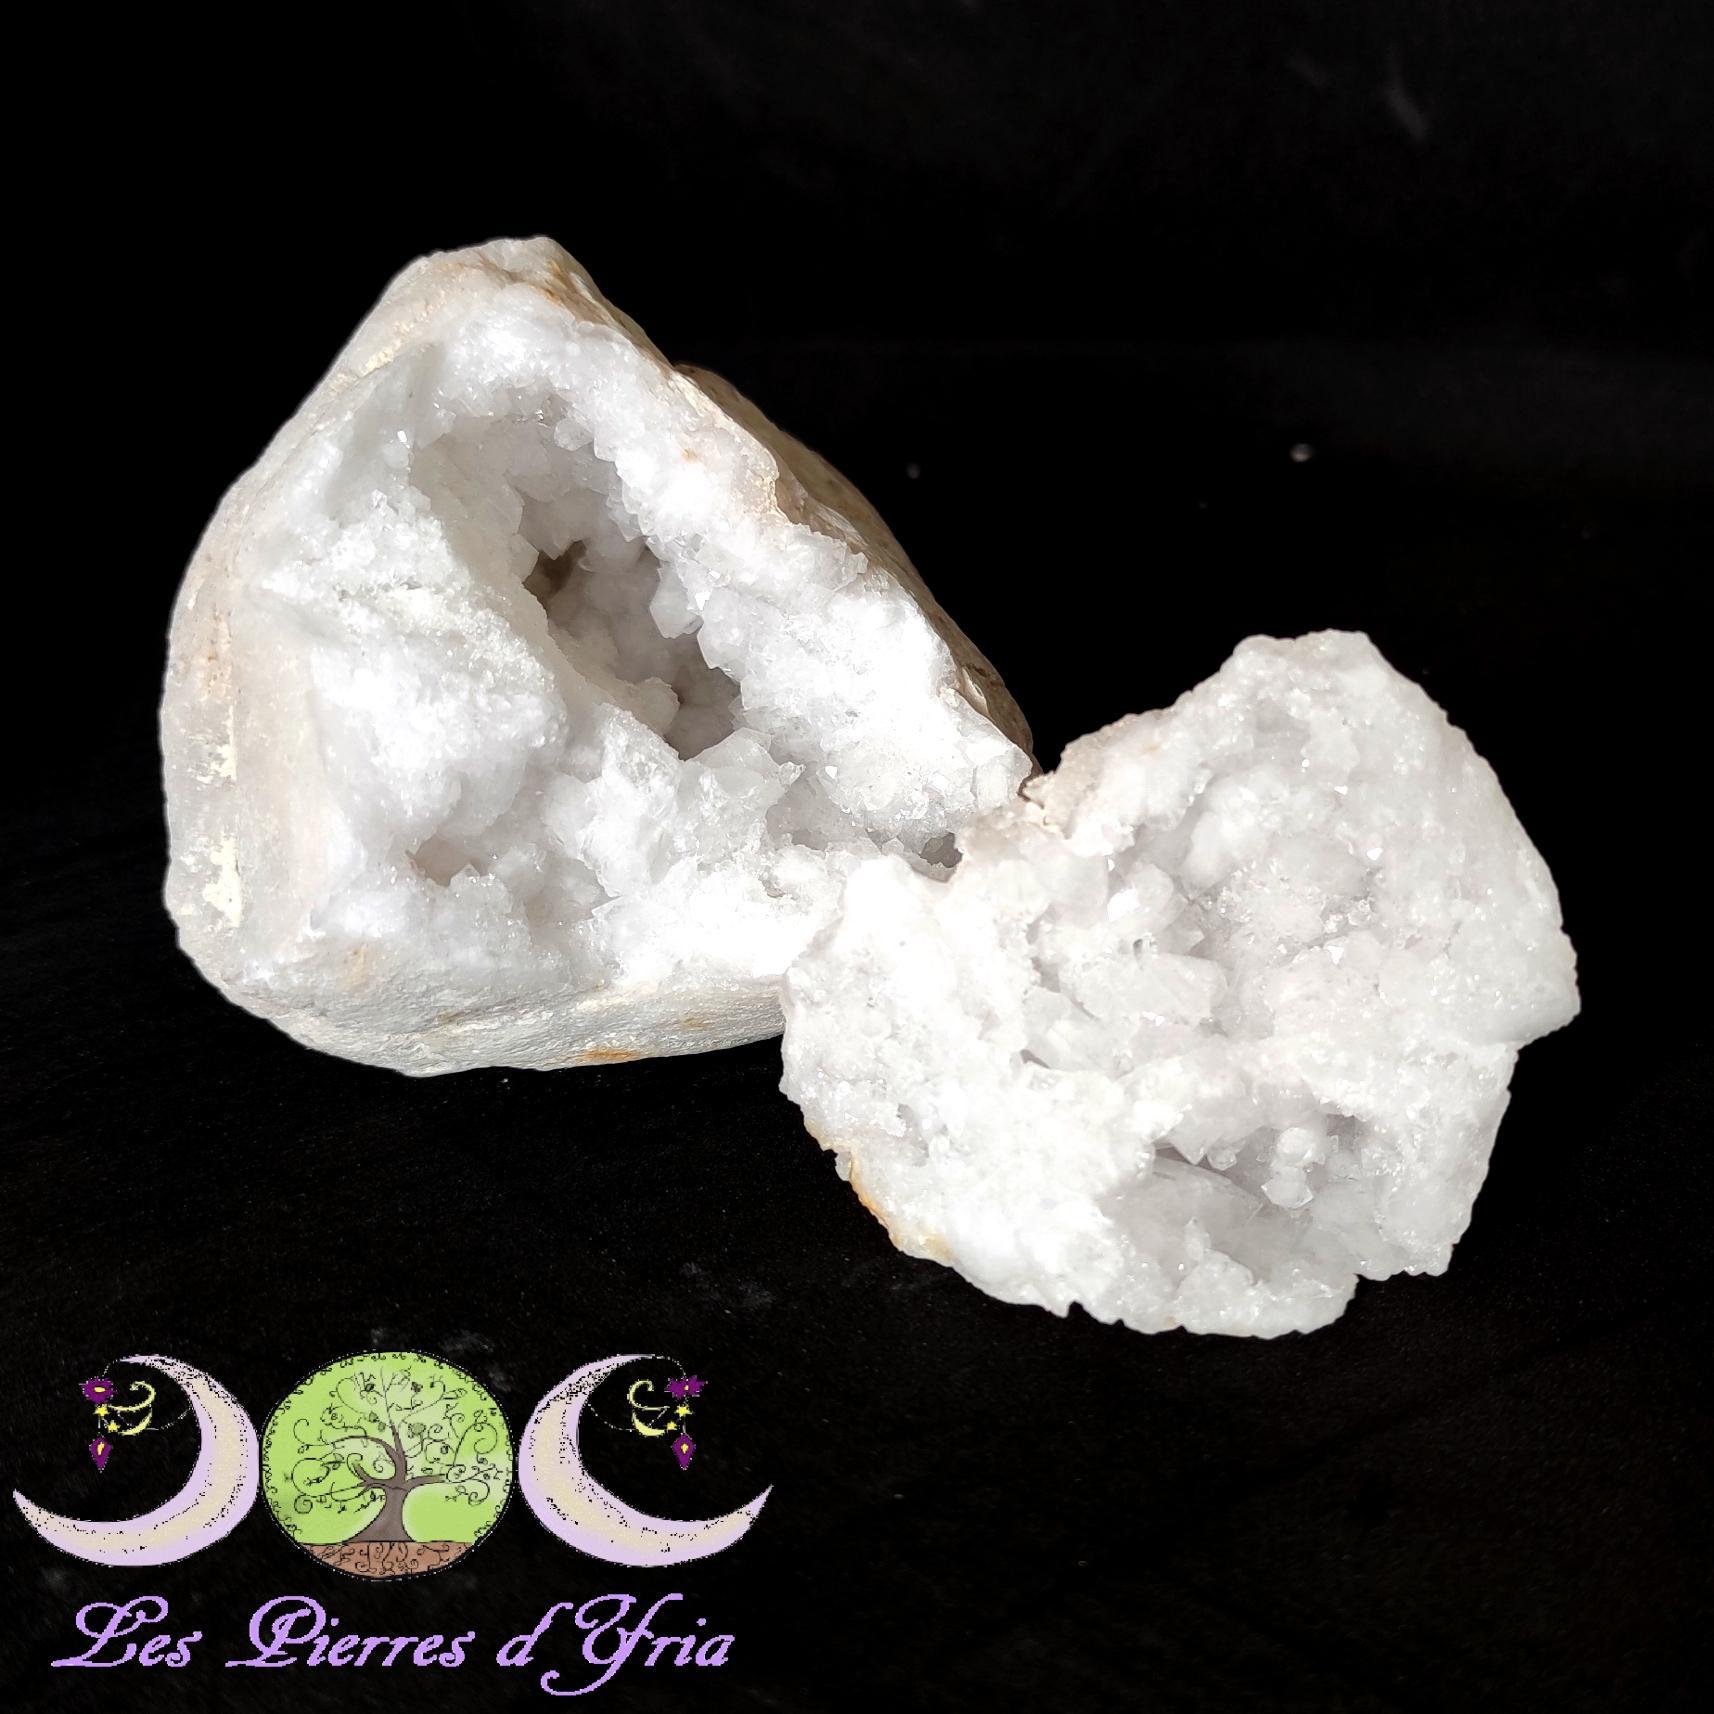 Geode 8 1 gf